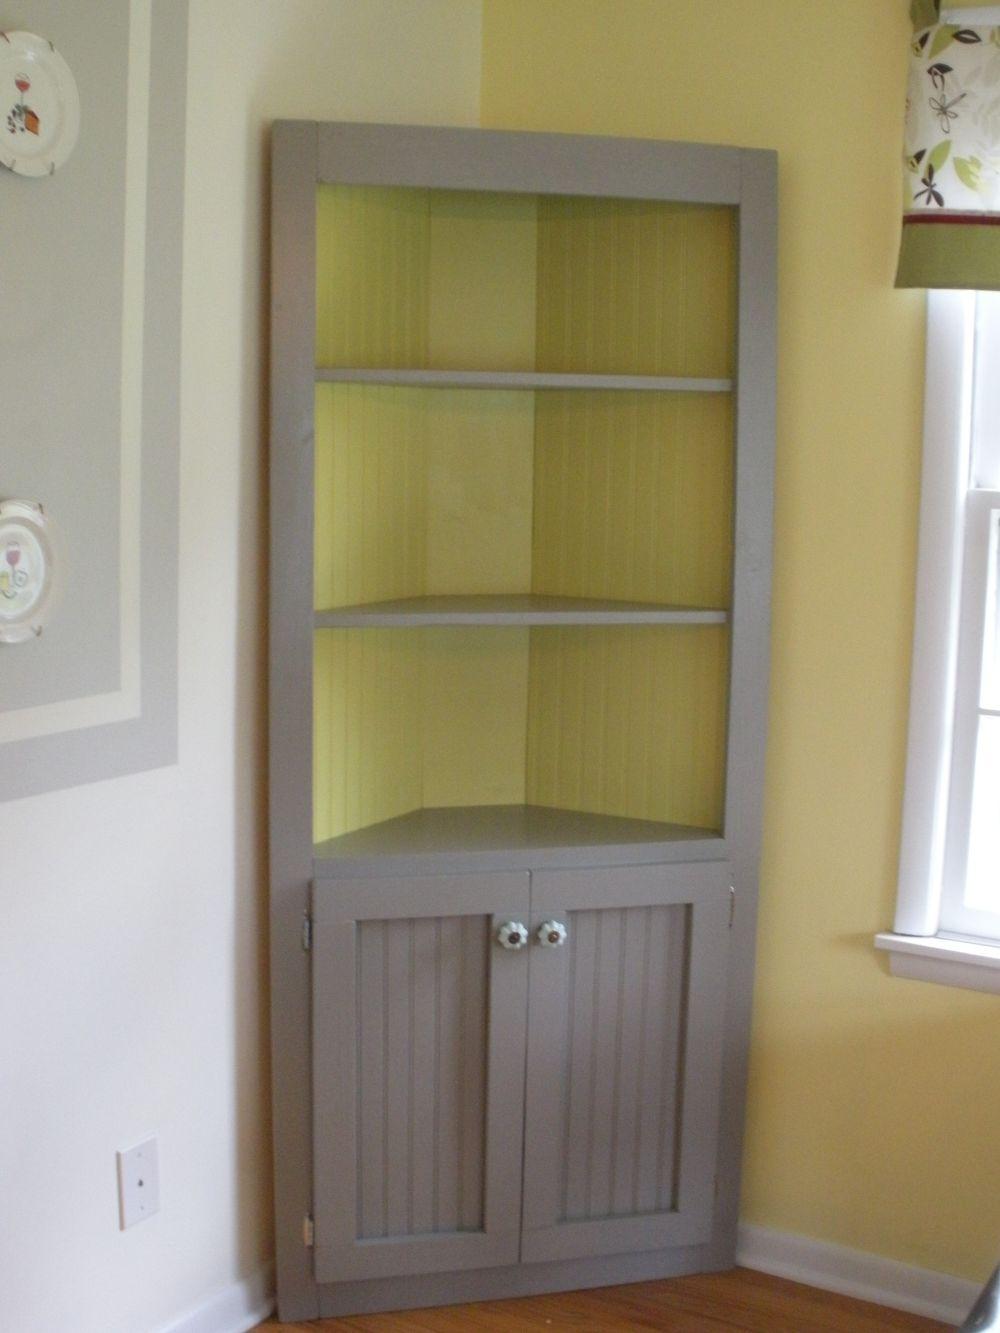 Удобное хранение с угловым шкафом, 10 идей - image5